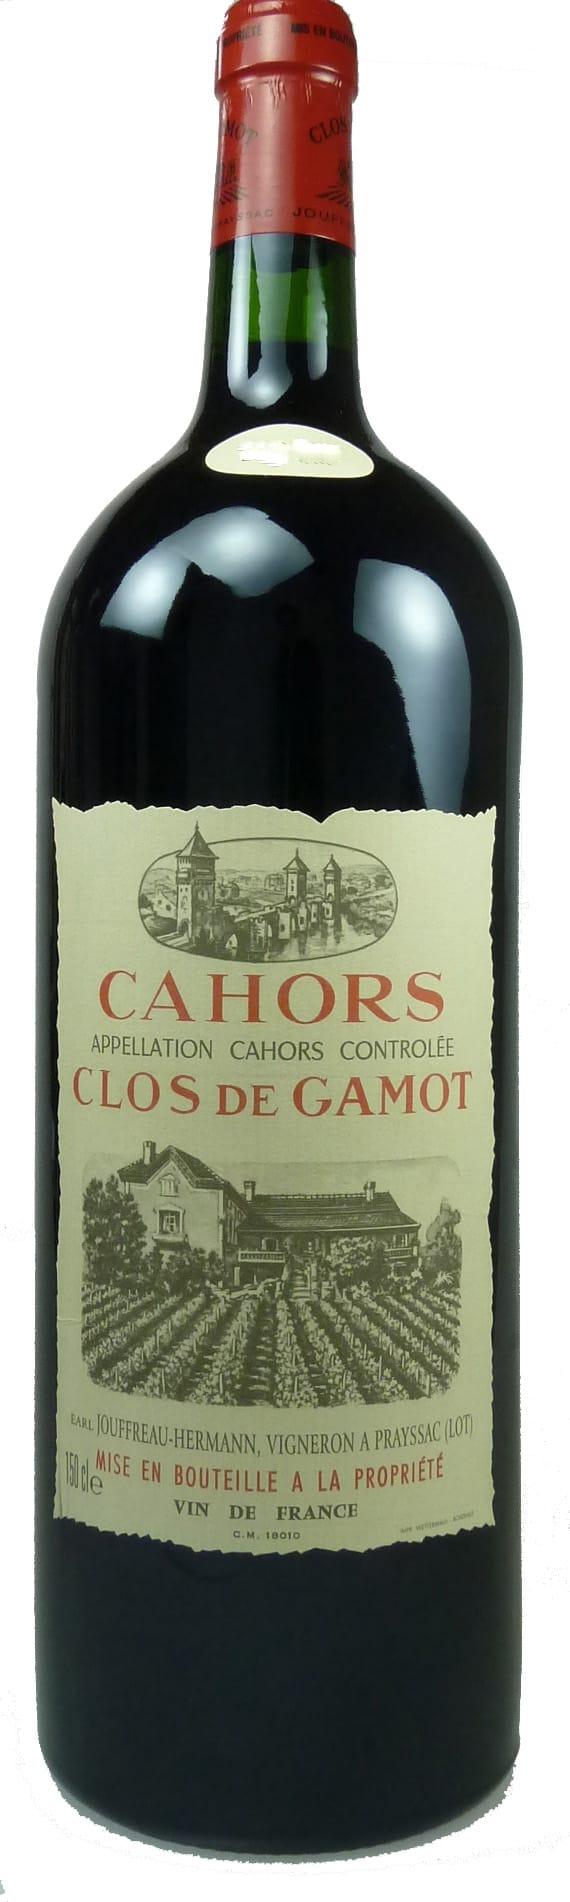 Cahors Clos de Gamot 2011